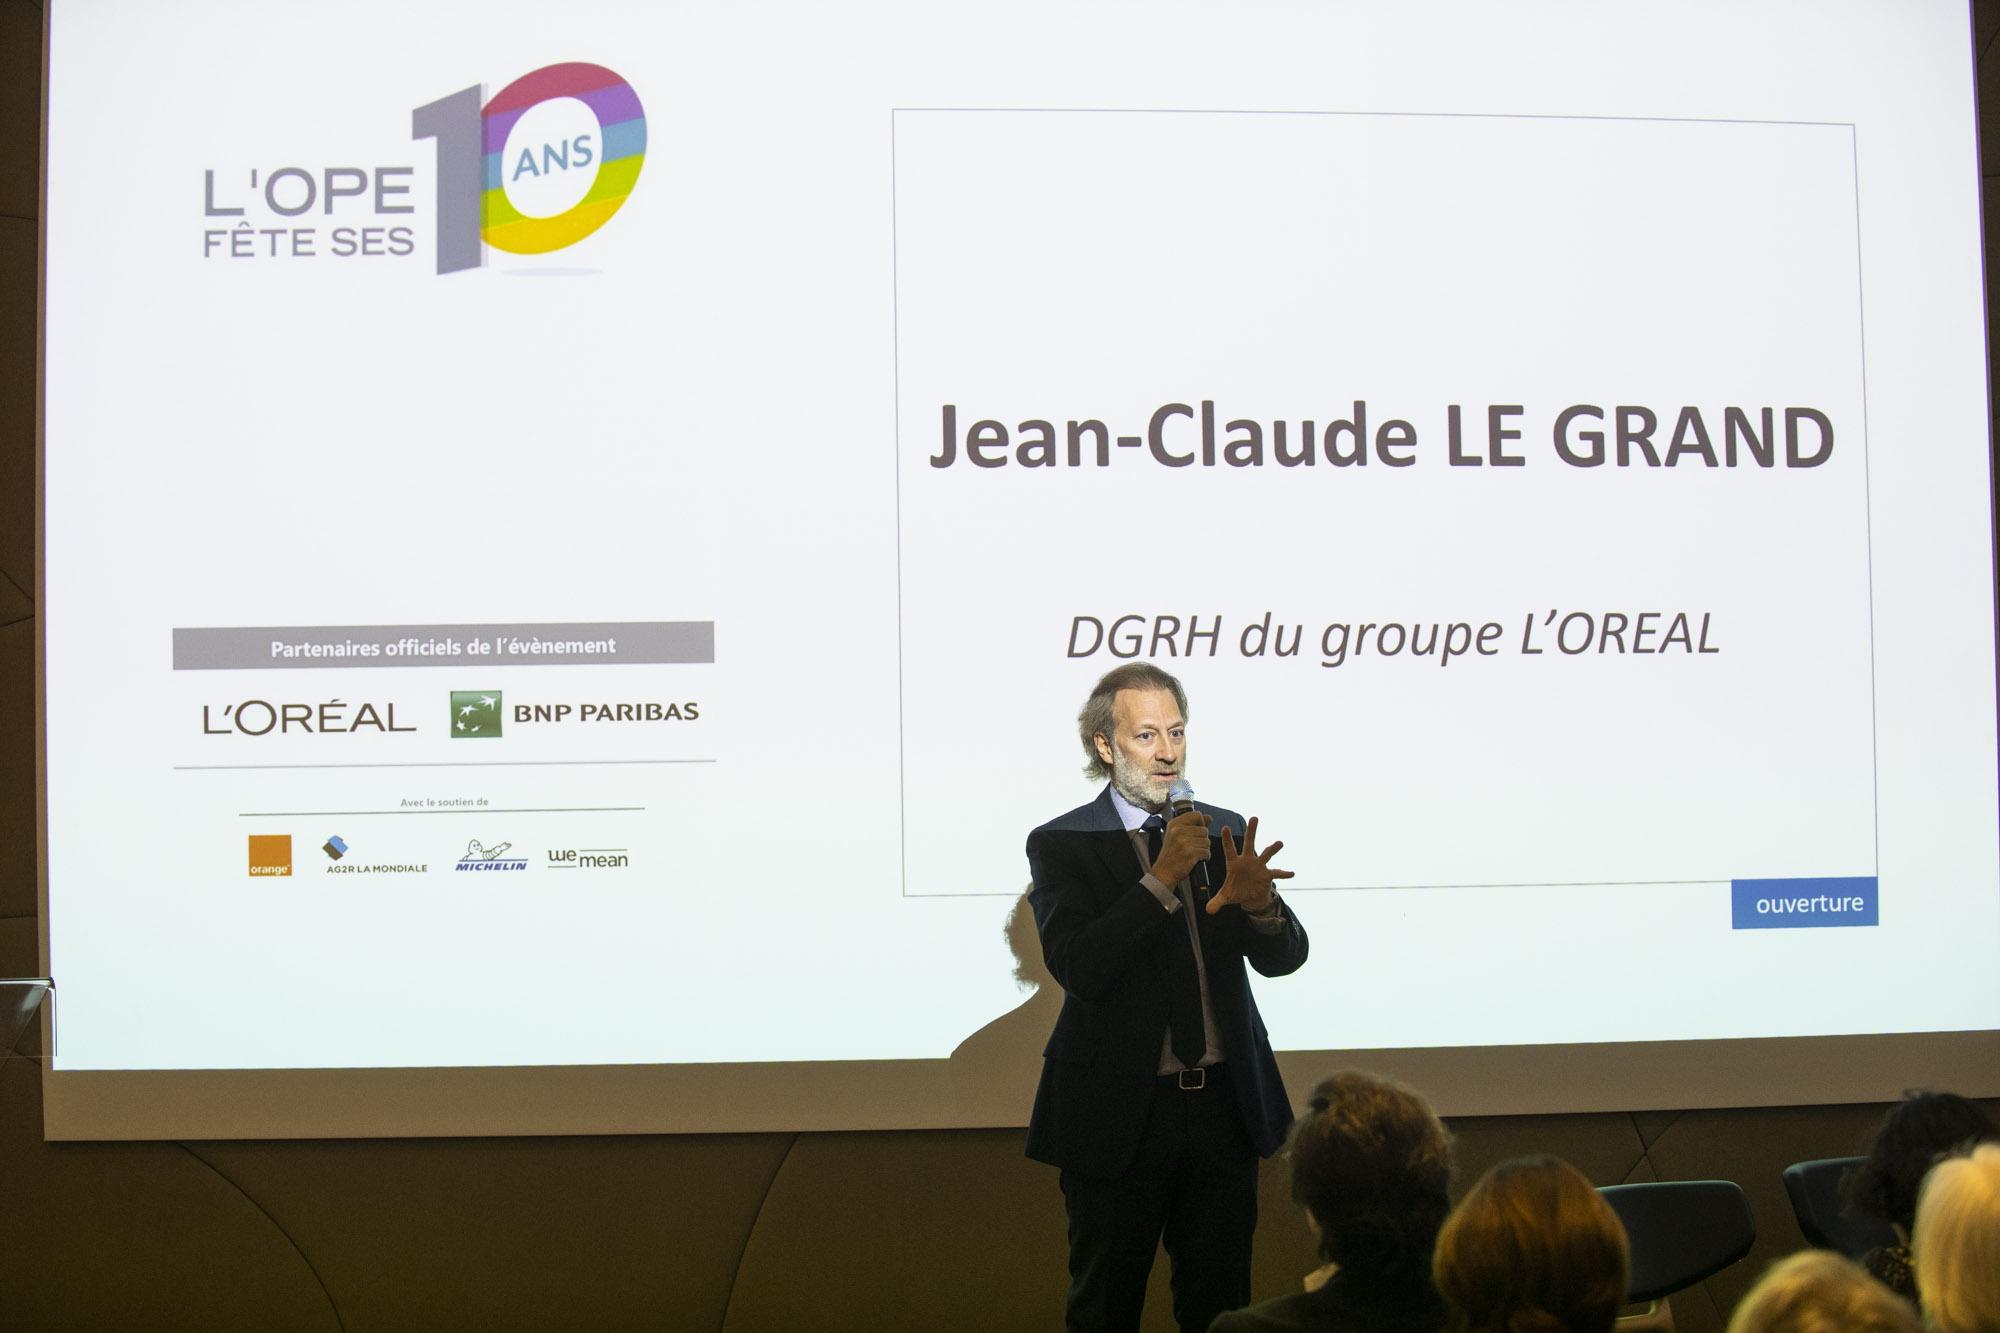 20 ans de l'OPE au siege de l'Oreal a Levallois-Perret. Jean-Claude Le Grand, DGRH du groupe l'Oreal. Le 22/01/2019